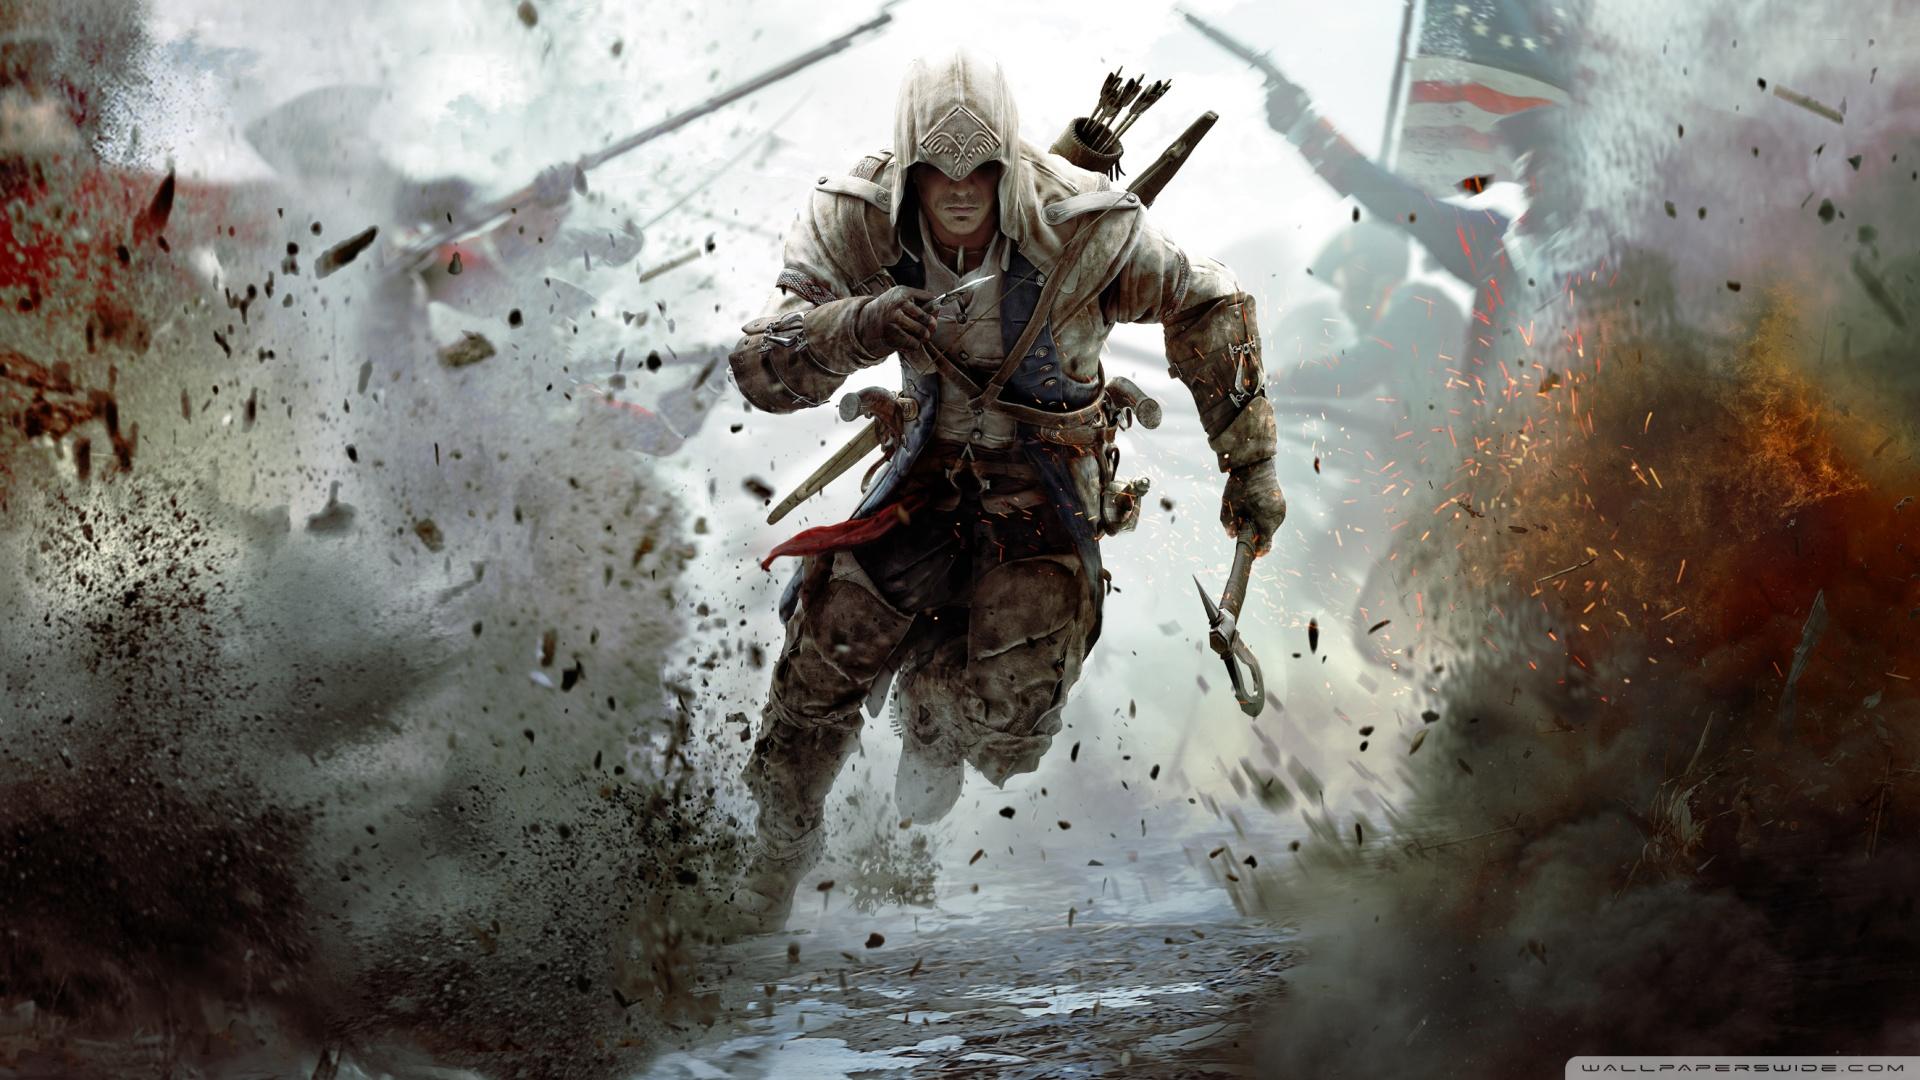 Running Wallpaper 1920x1080 Assassins Creed 3 Connor 1920x1080